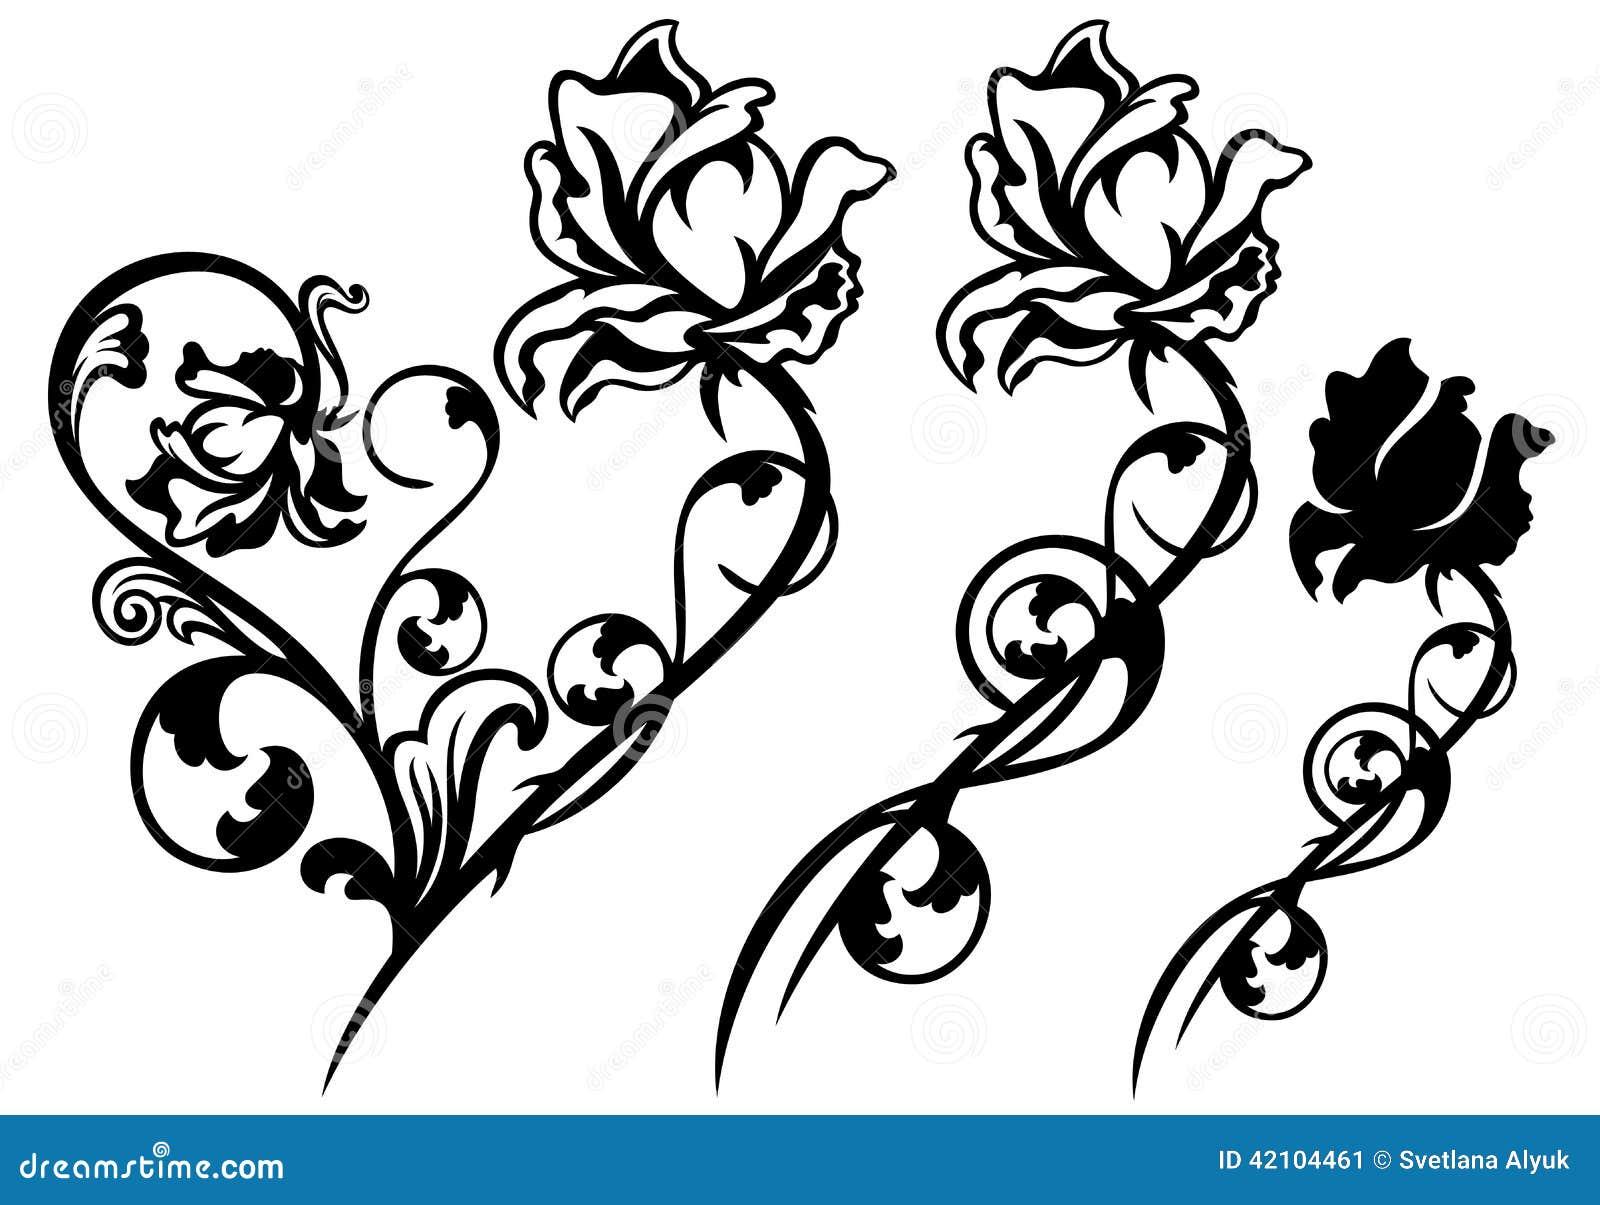 Line Art Rose Flower Design : Rose flower decor stock vector illustration of plant